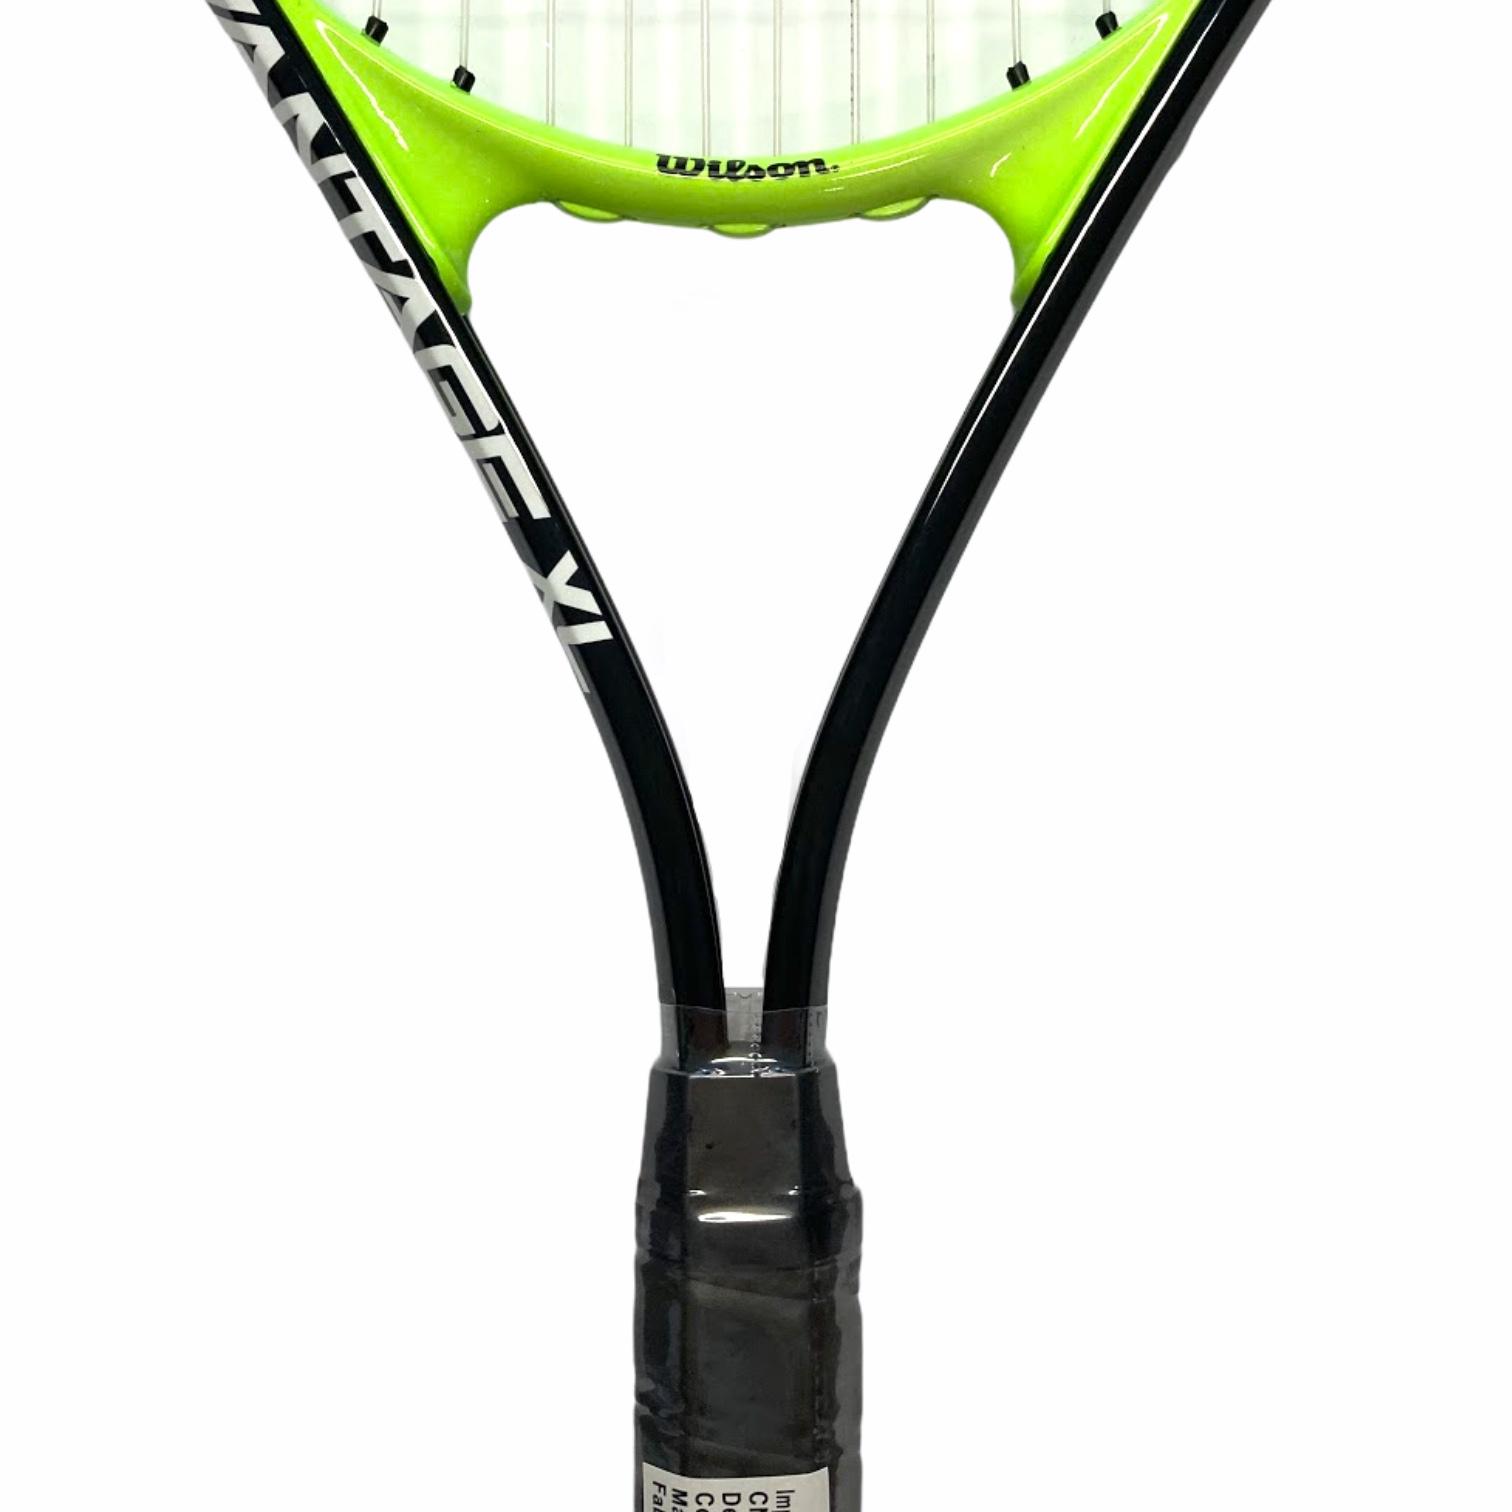 Raquete de Tênis Wilson Advantage XL